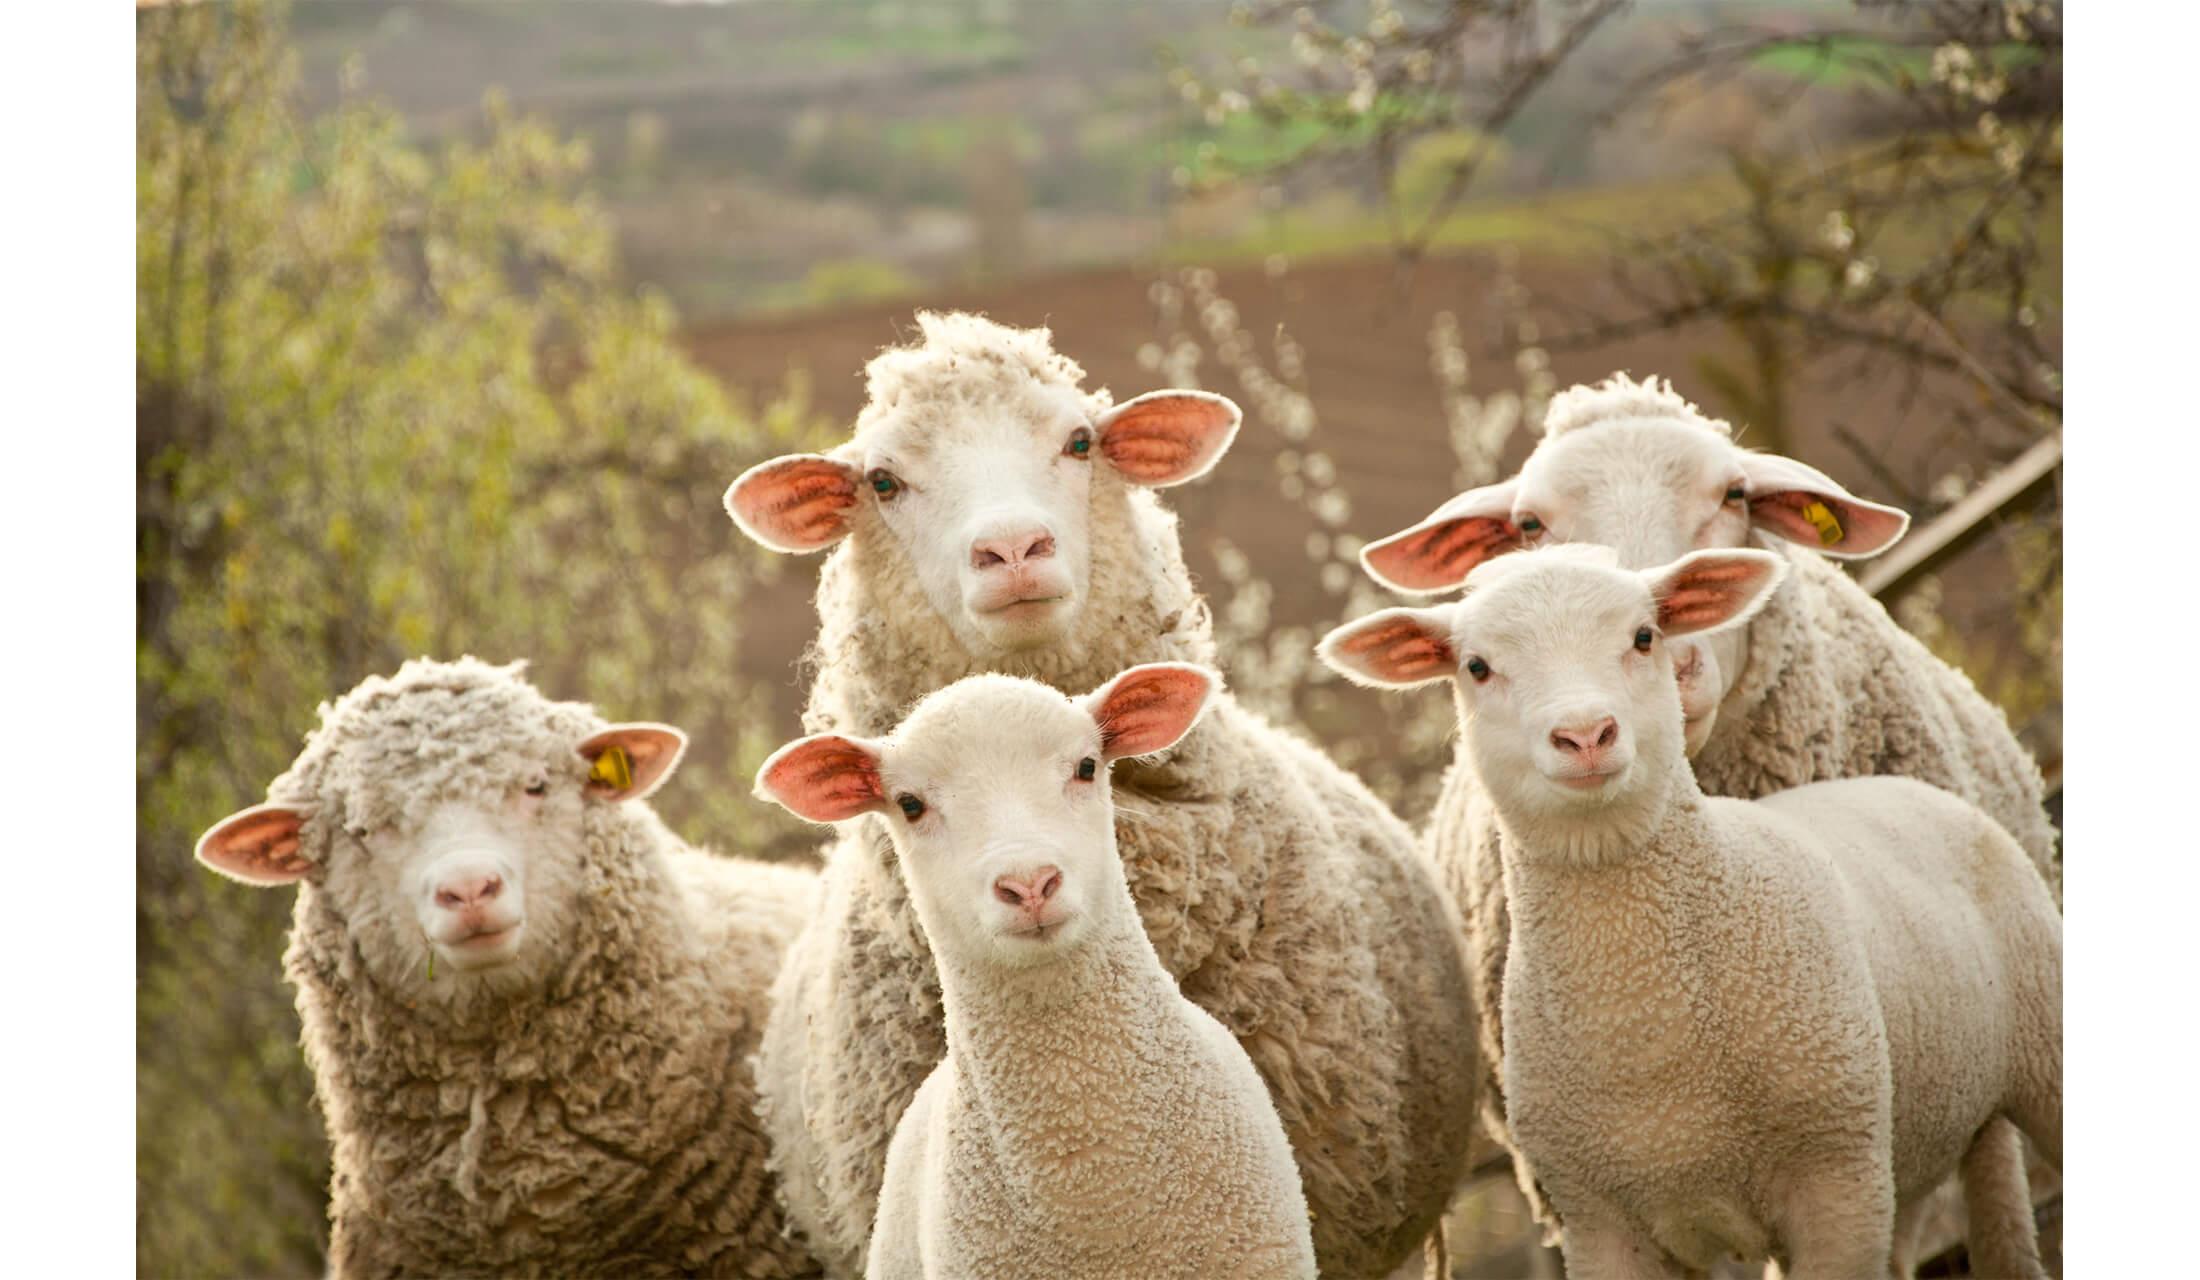 5匹の羊が同時にこちらを向いている様子